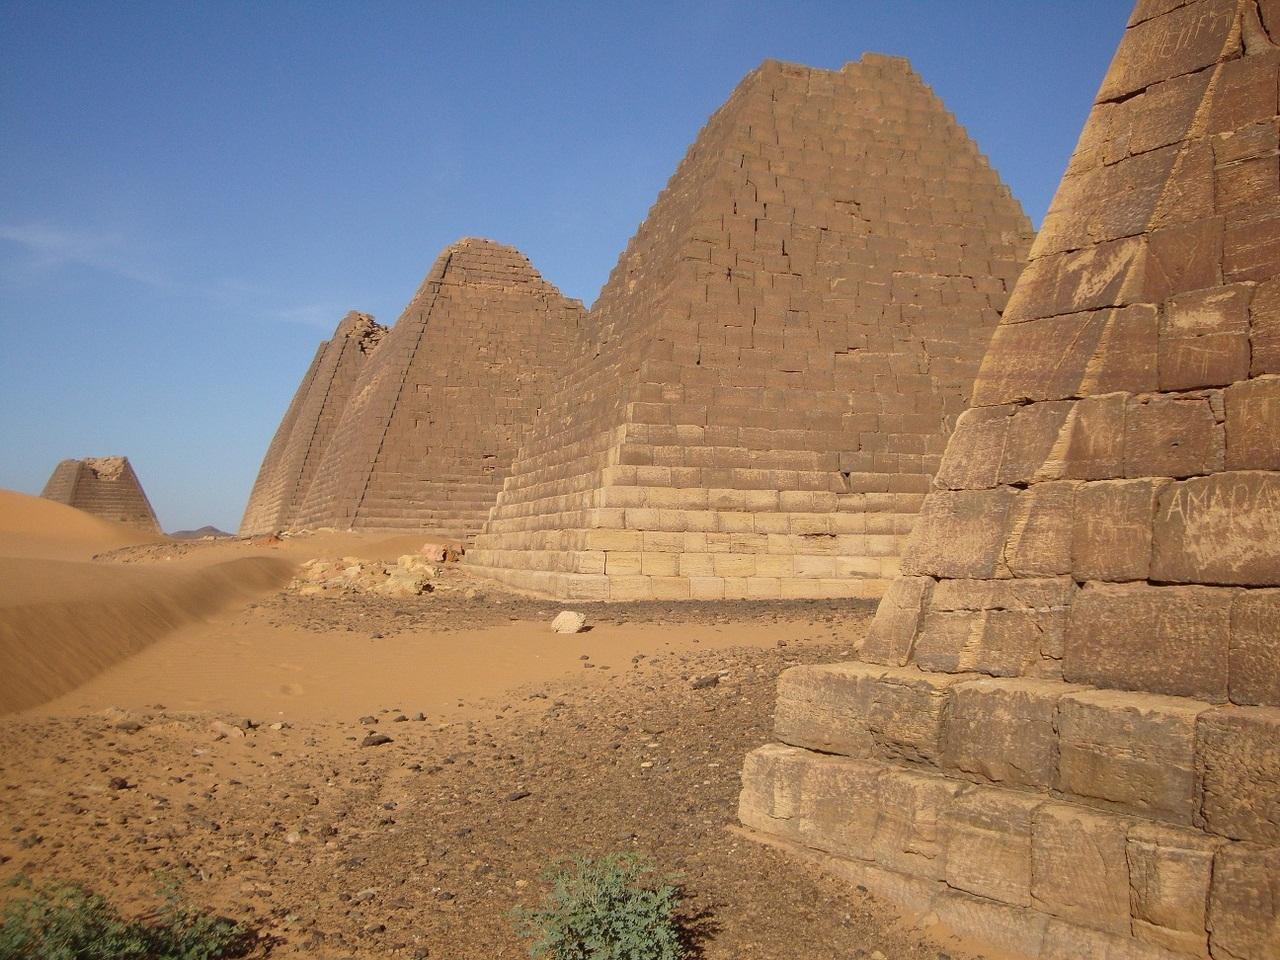 Обои гробница, иероглифы, Пирамиды, пустыня, египет. Разное foto 8